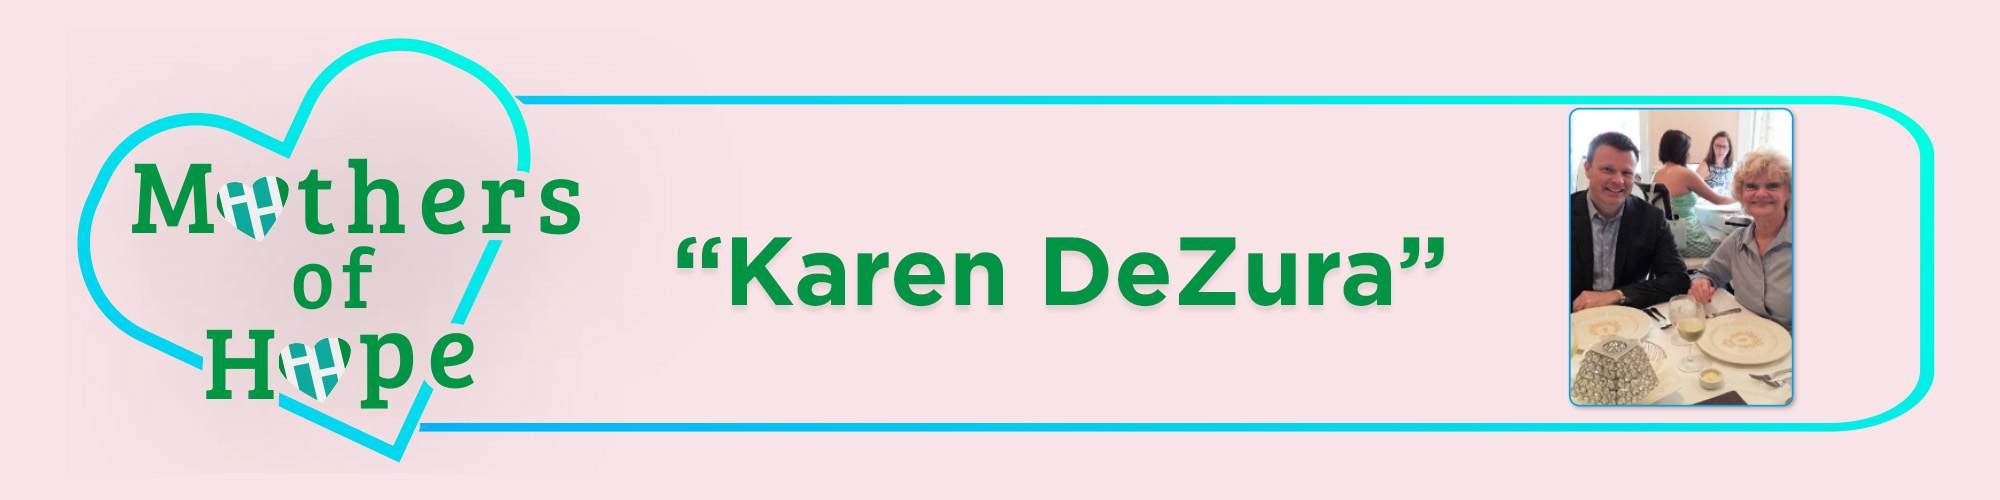 Karen-DeZura